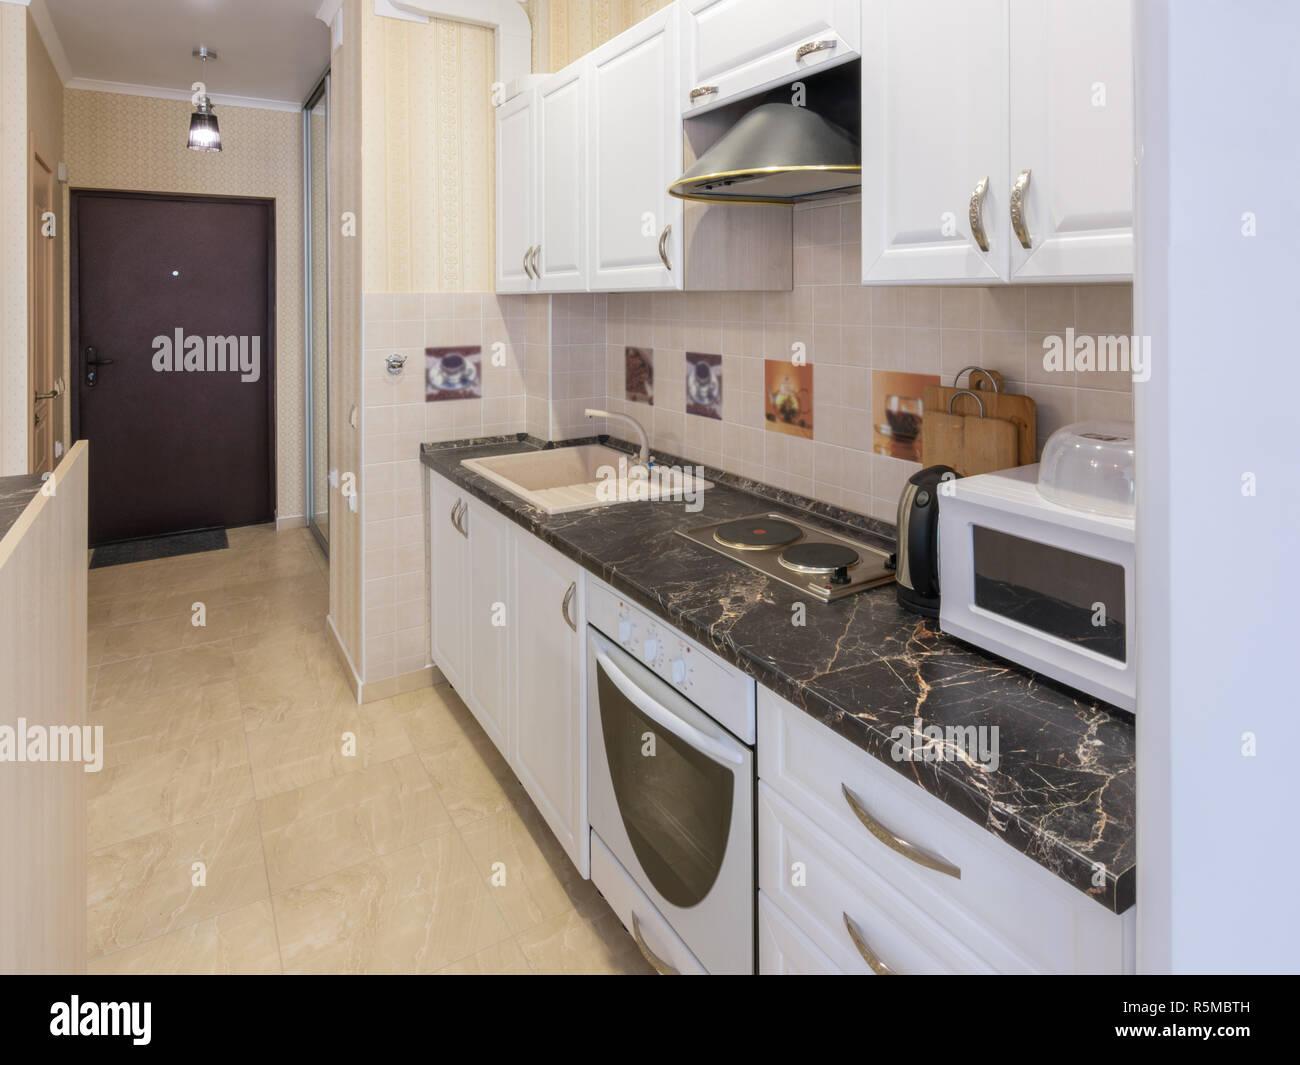 Einrichtung Einer 1 Zimmer Wohnung Blick Von Der Kuche Auf Die Eingangstur Stockfotografie Alamy